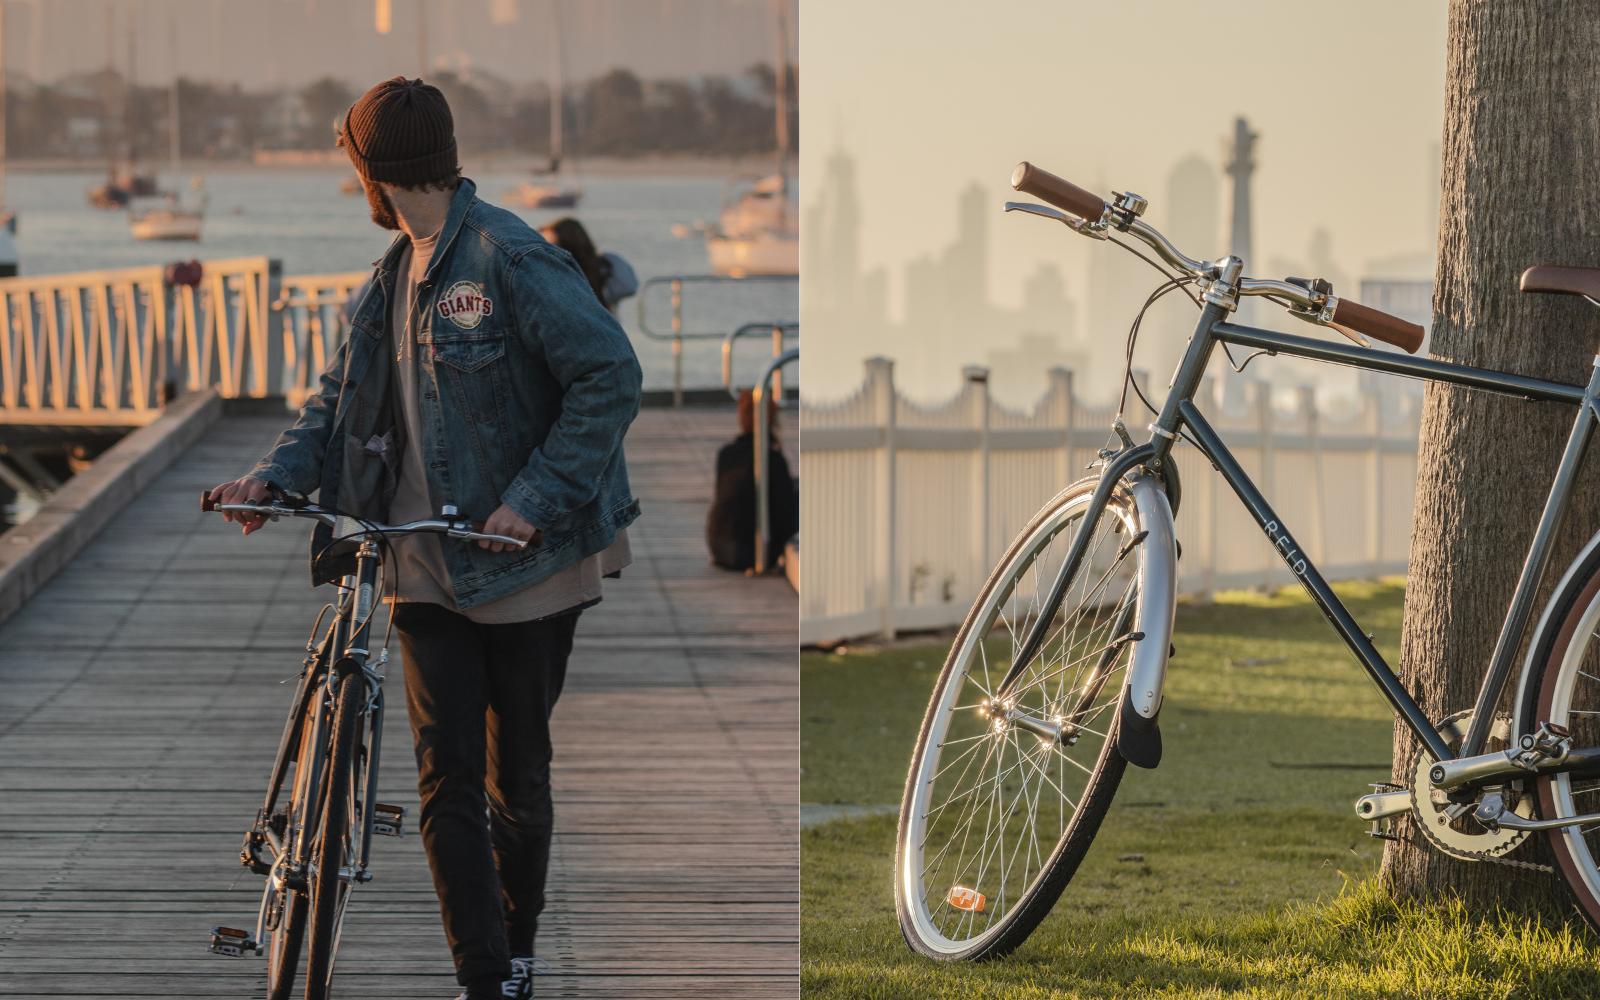 32 9 - Reid ® - Gents Roller Bike